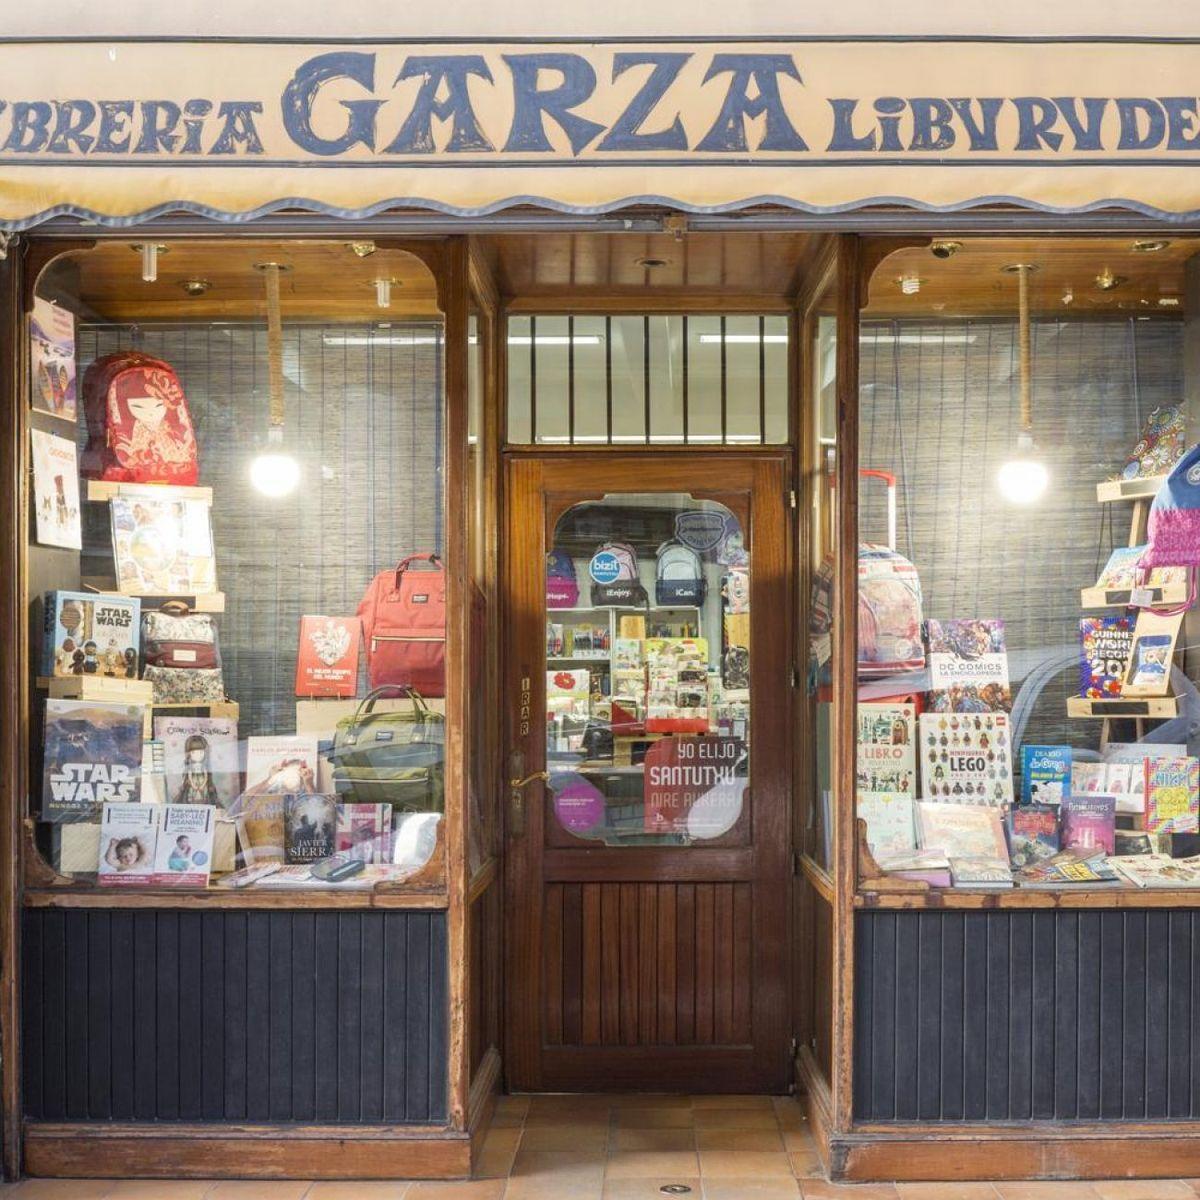 4628-libreria-garza-01